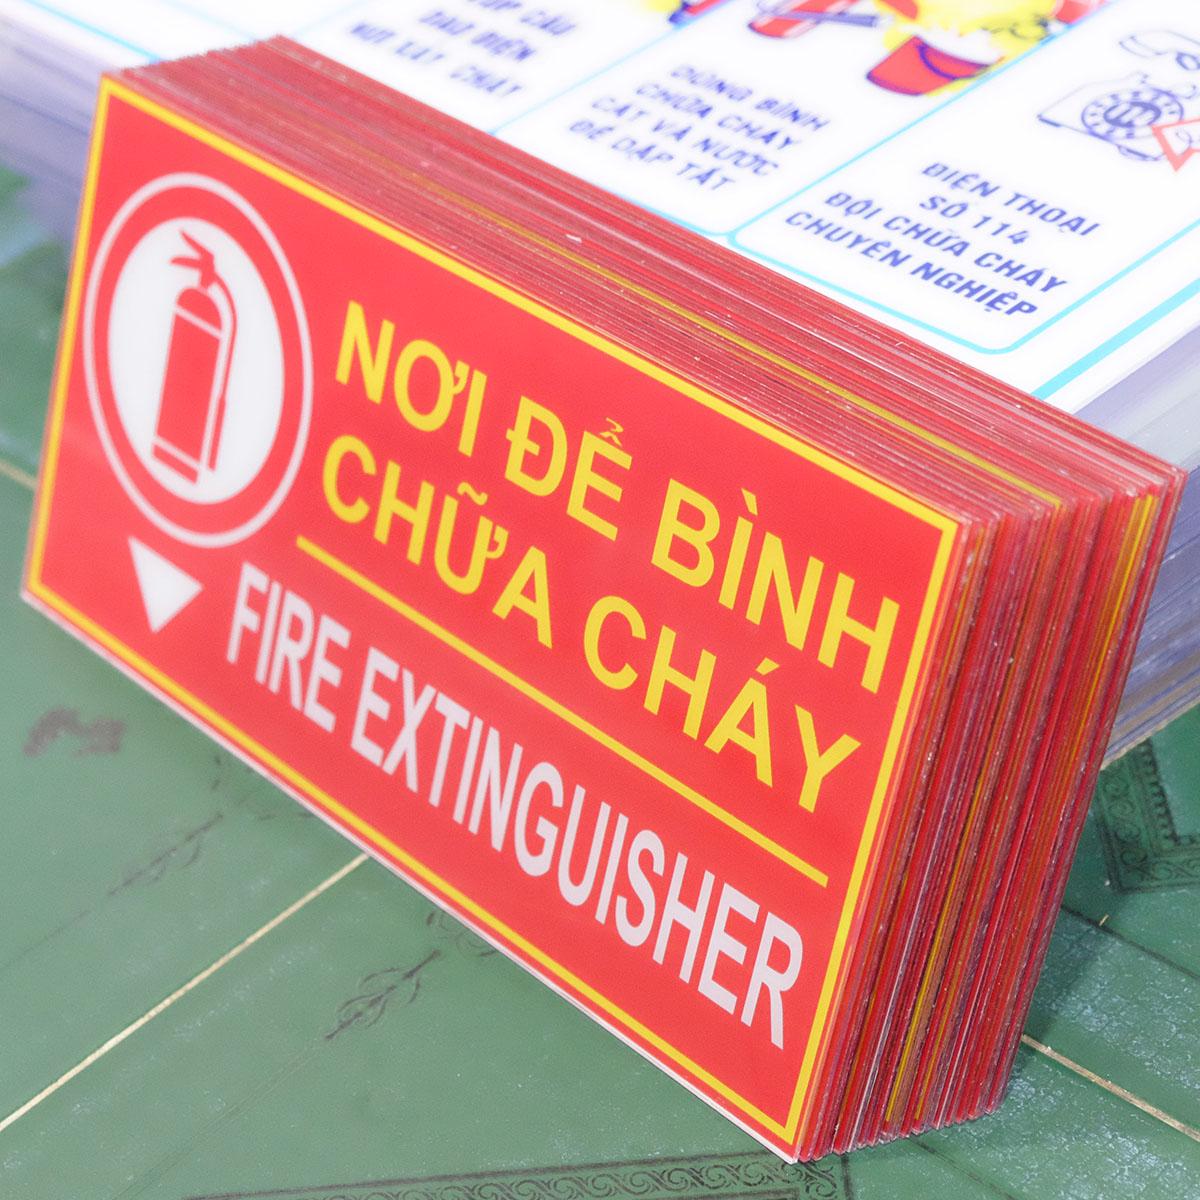 bảng mica dán decal nơi để bình chữa cháy - fire extinguisher